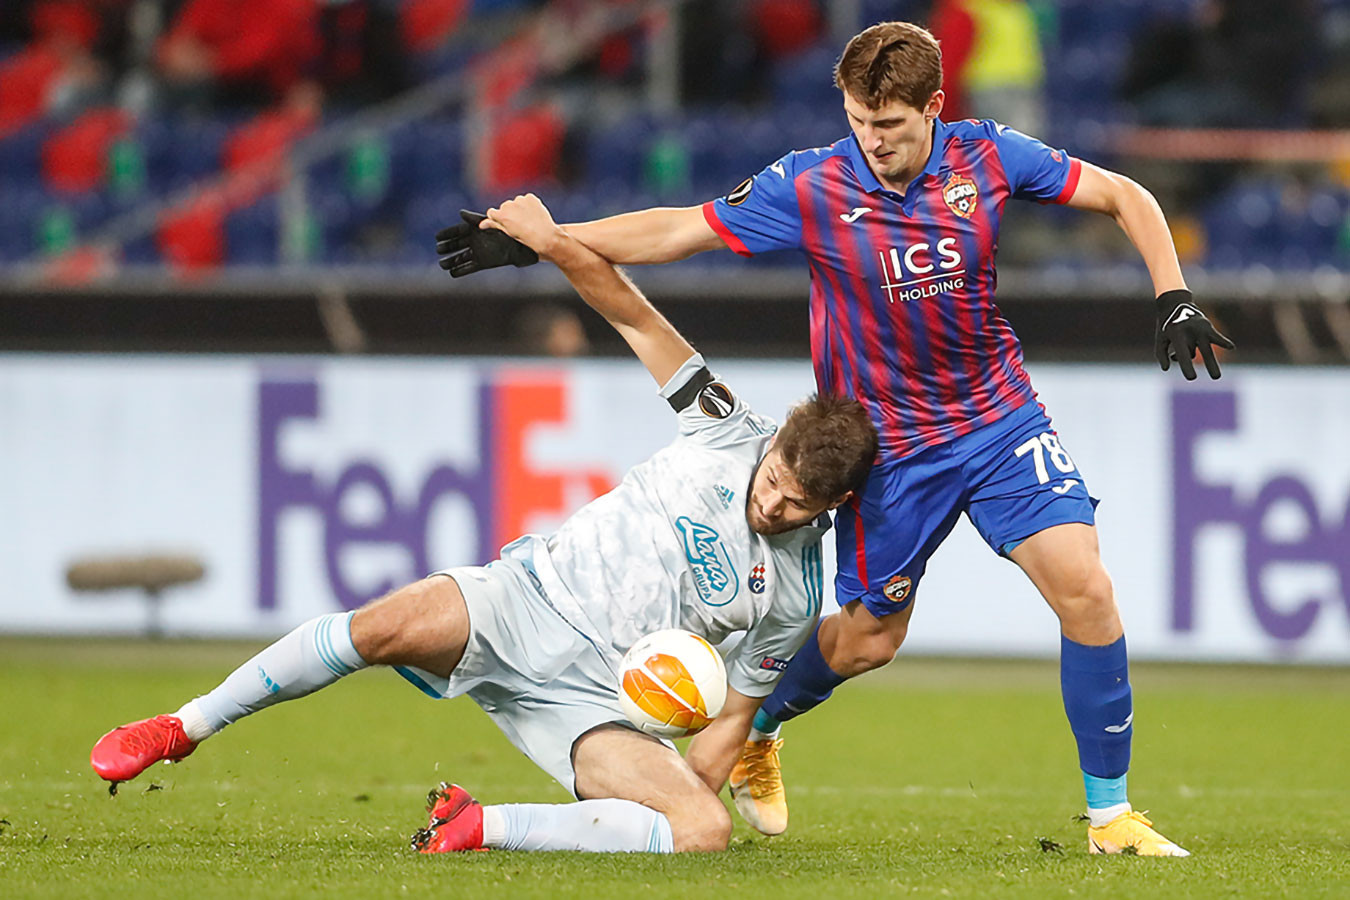 Губерниев — о матче ЦСКА: вот это наш уровень — дома пободаться с Загребом